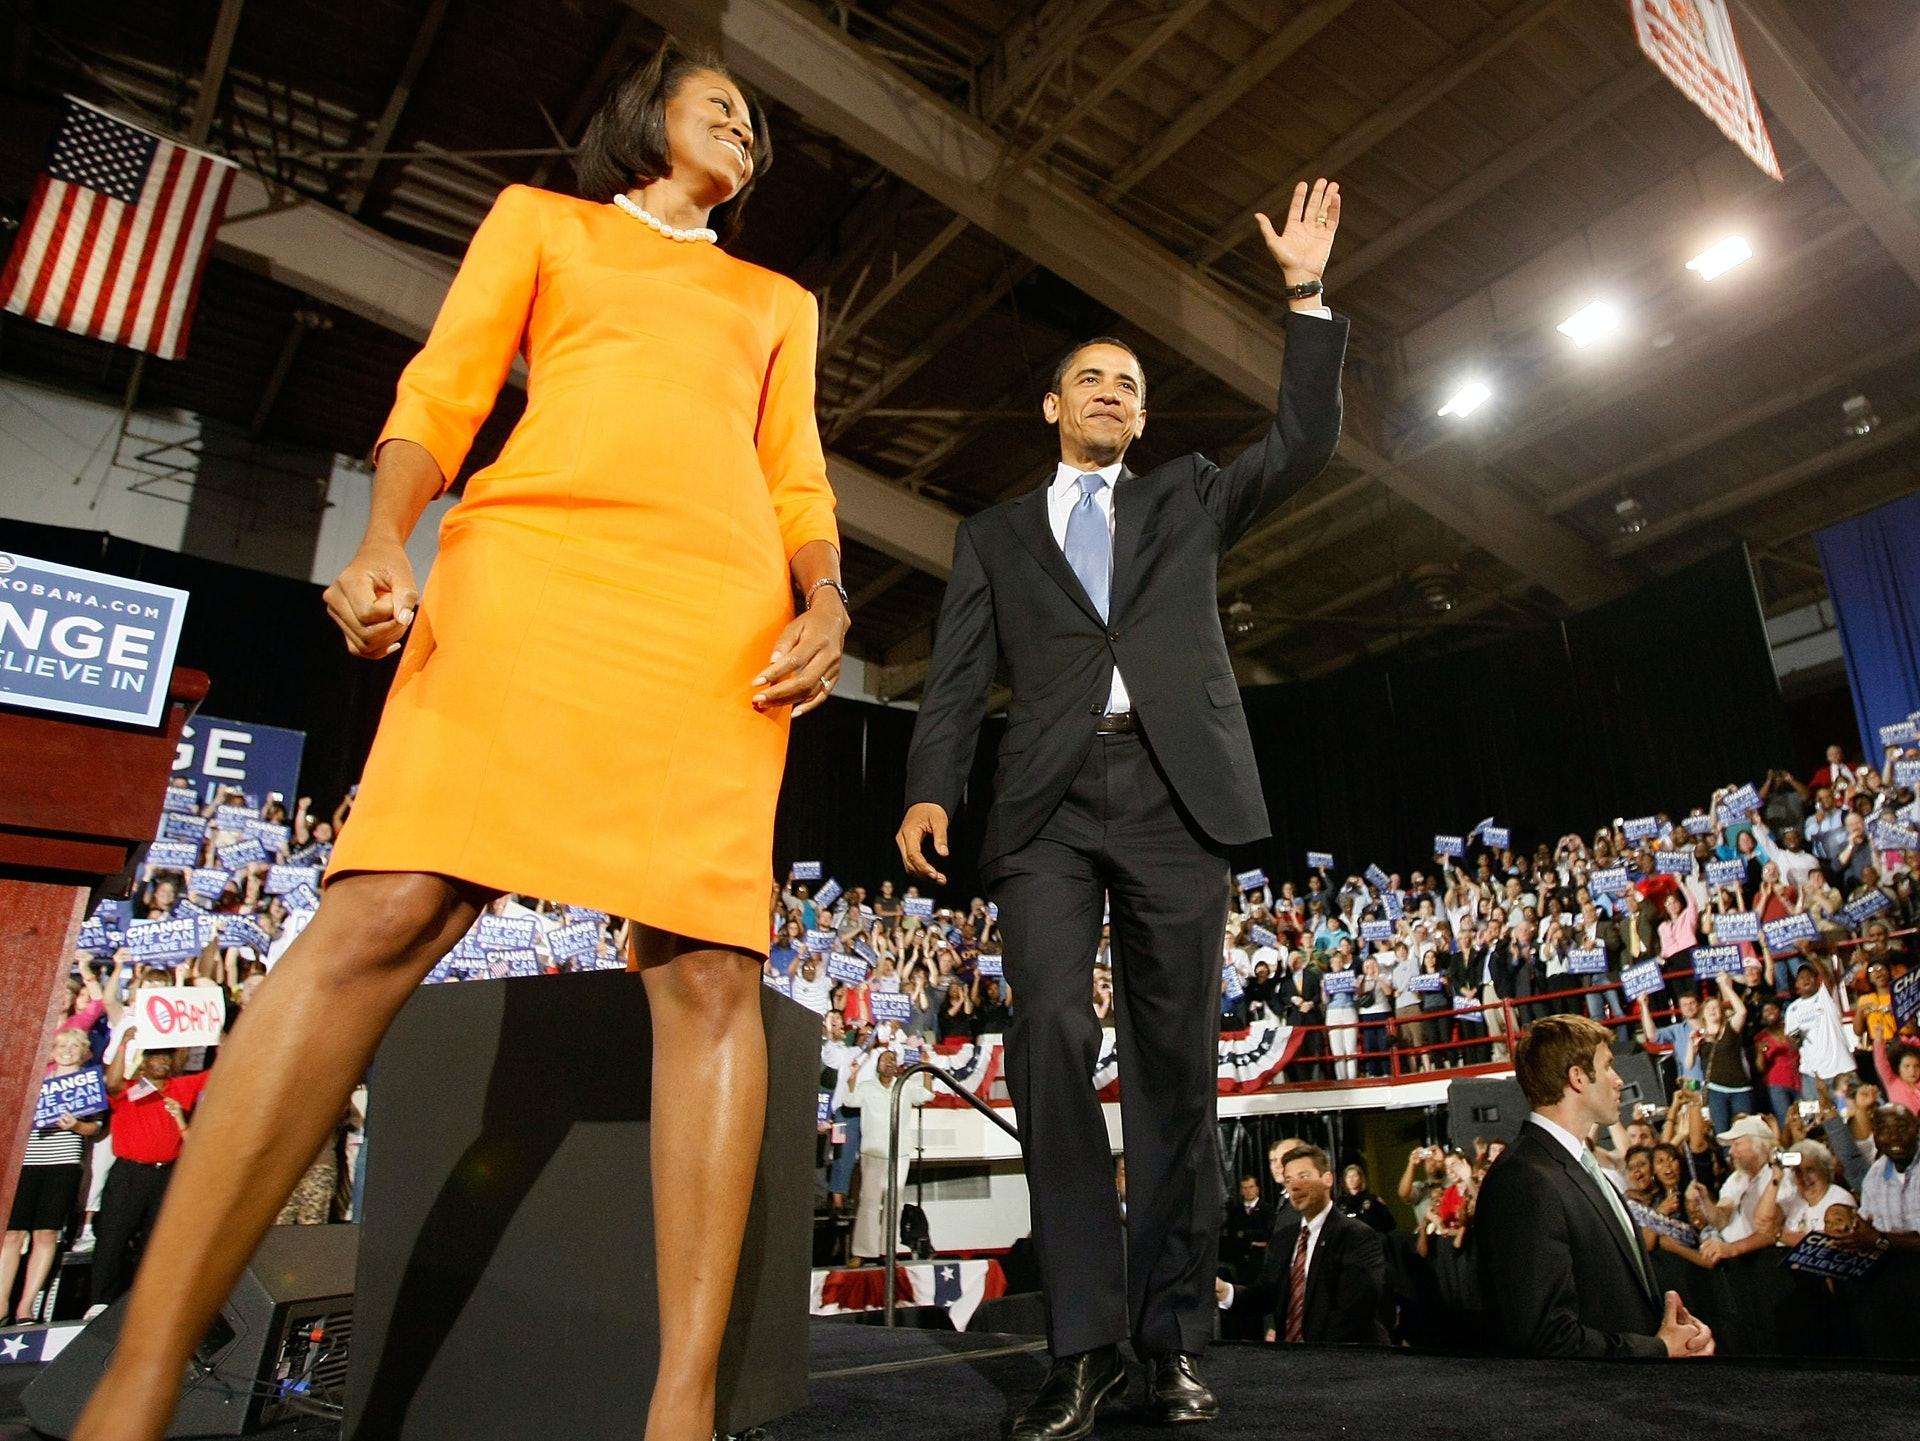 选举结果出众,奥巴马的竞选团队也应记一功。(Getty)